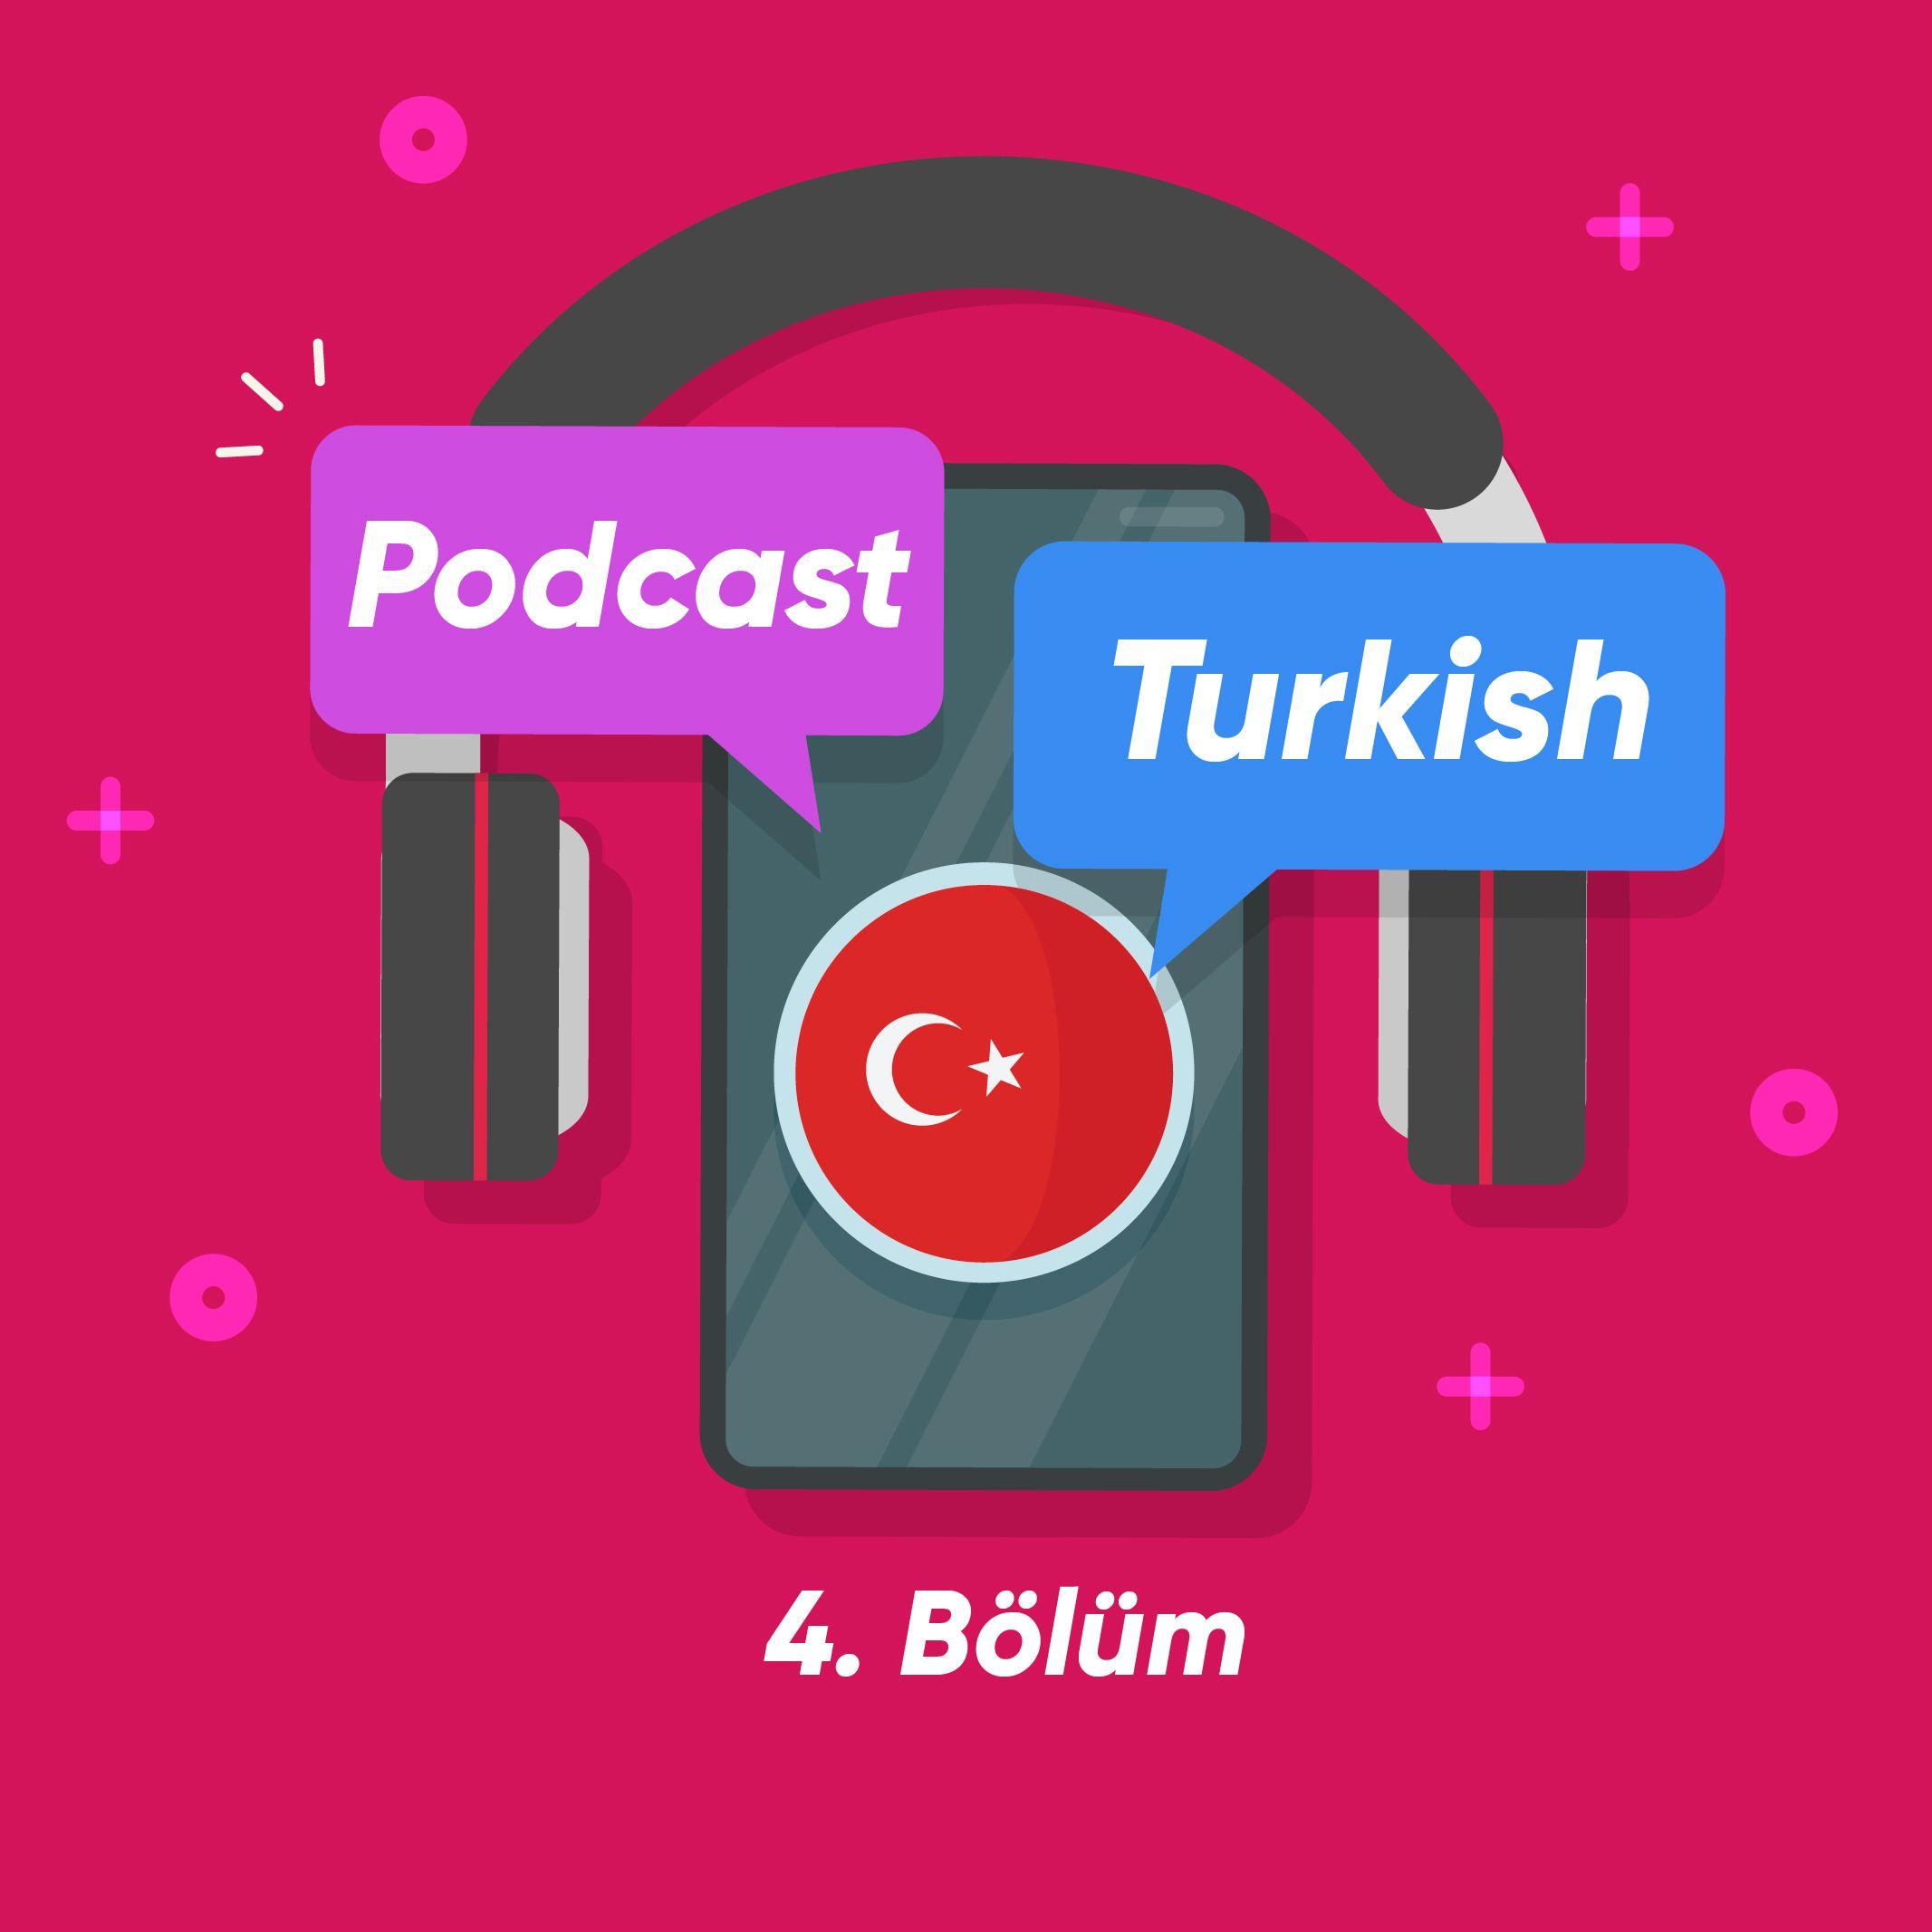 پادکست ترکی استانبولی شماره 4